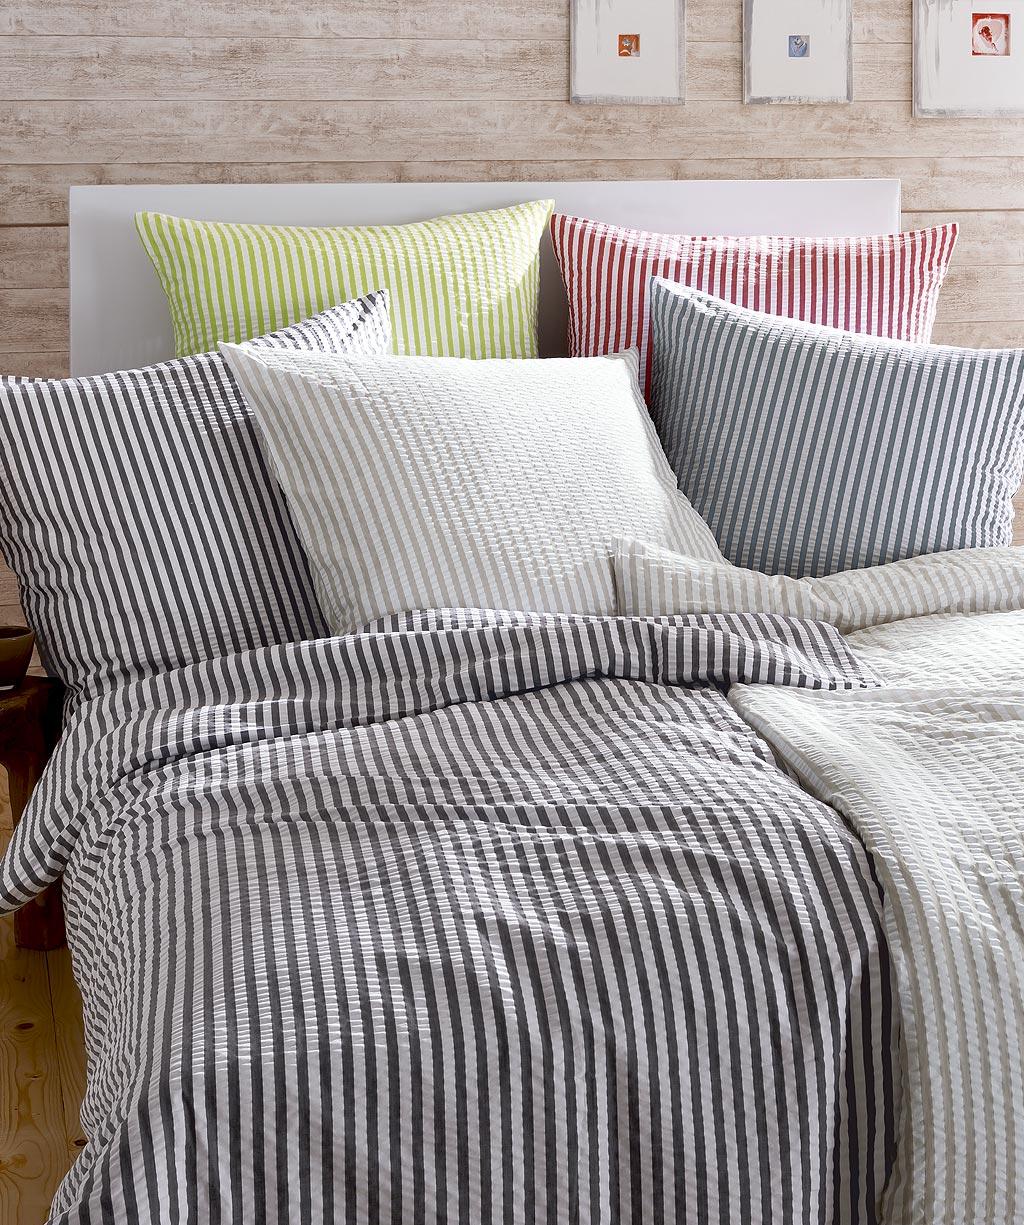 marine blaue seersucker bettw sche b gelfrei 443342 21 von fleuresse rio 155x220 155x220. Black Bedroom Furniture Sets. Home Design Ideas